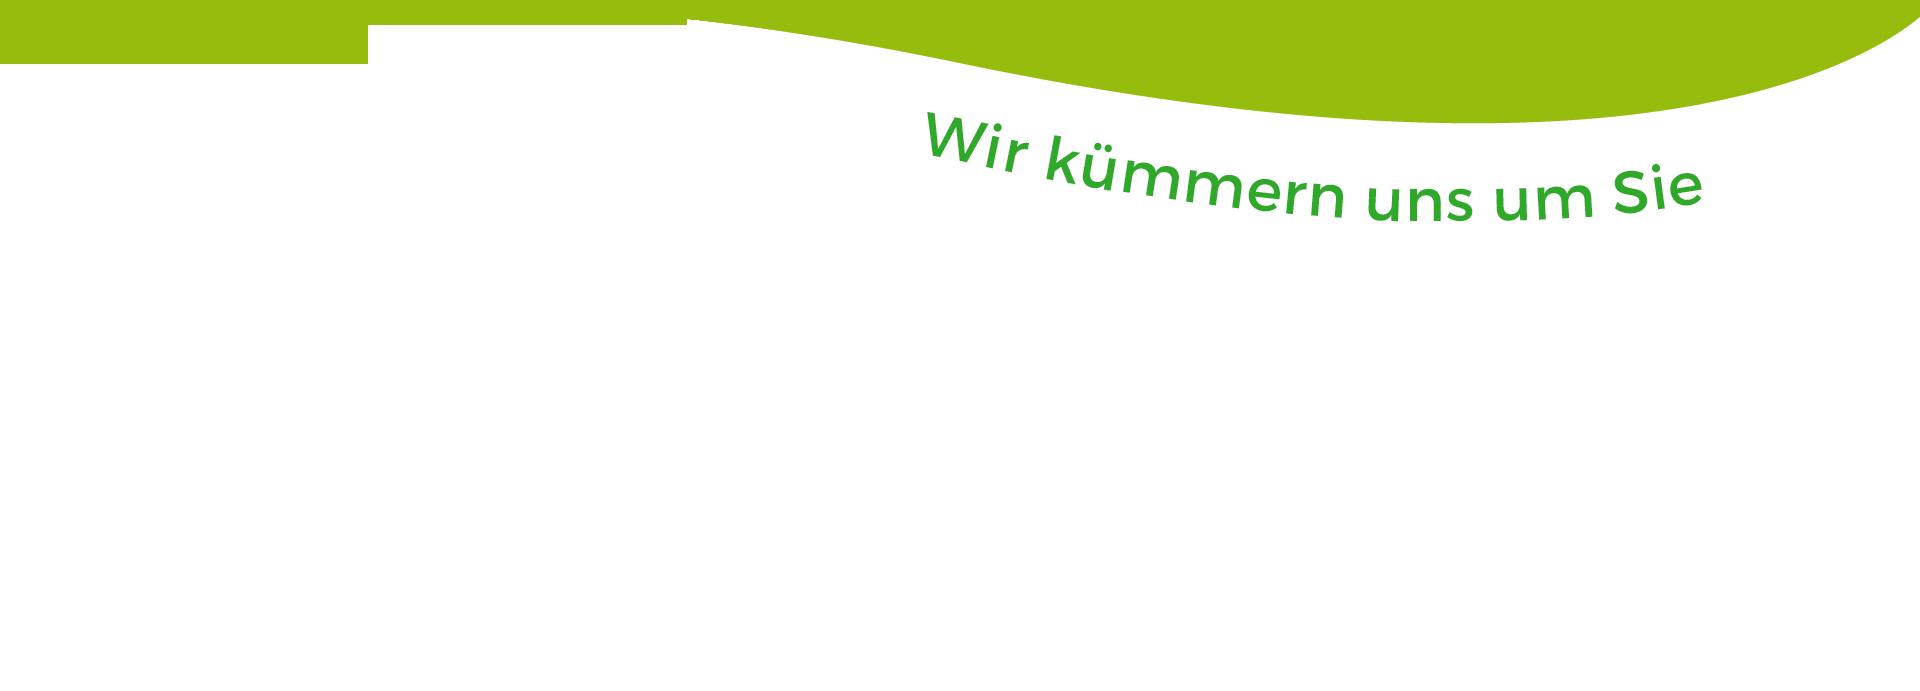 header_wir-kuemmern-uns-um-sie